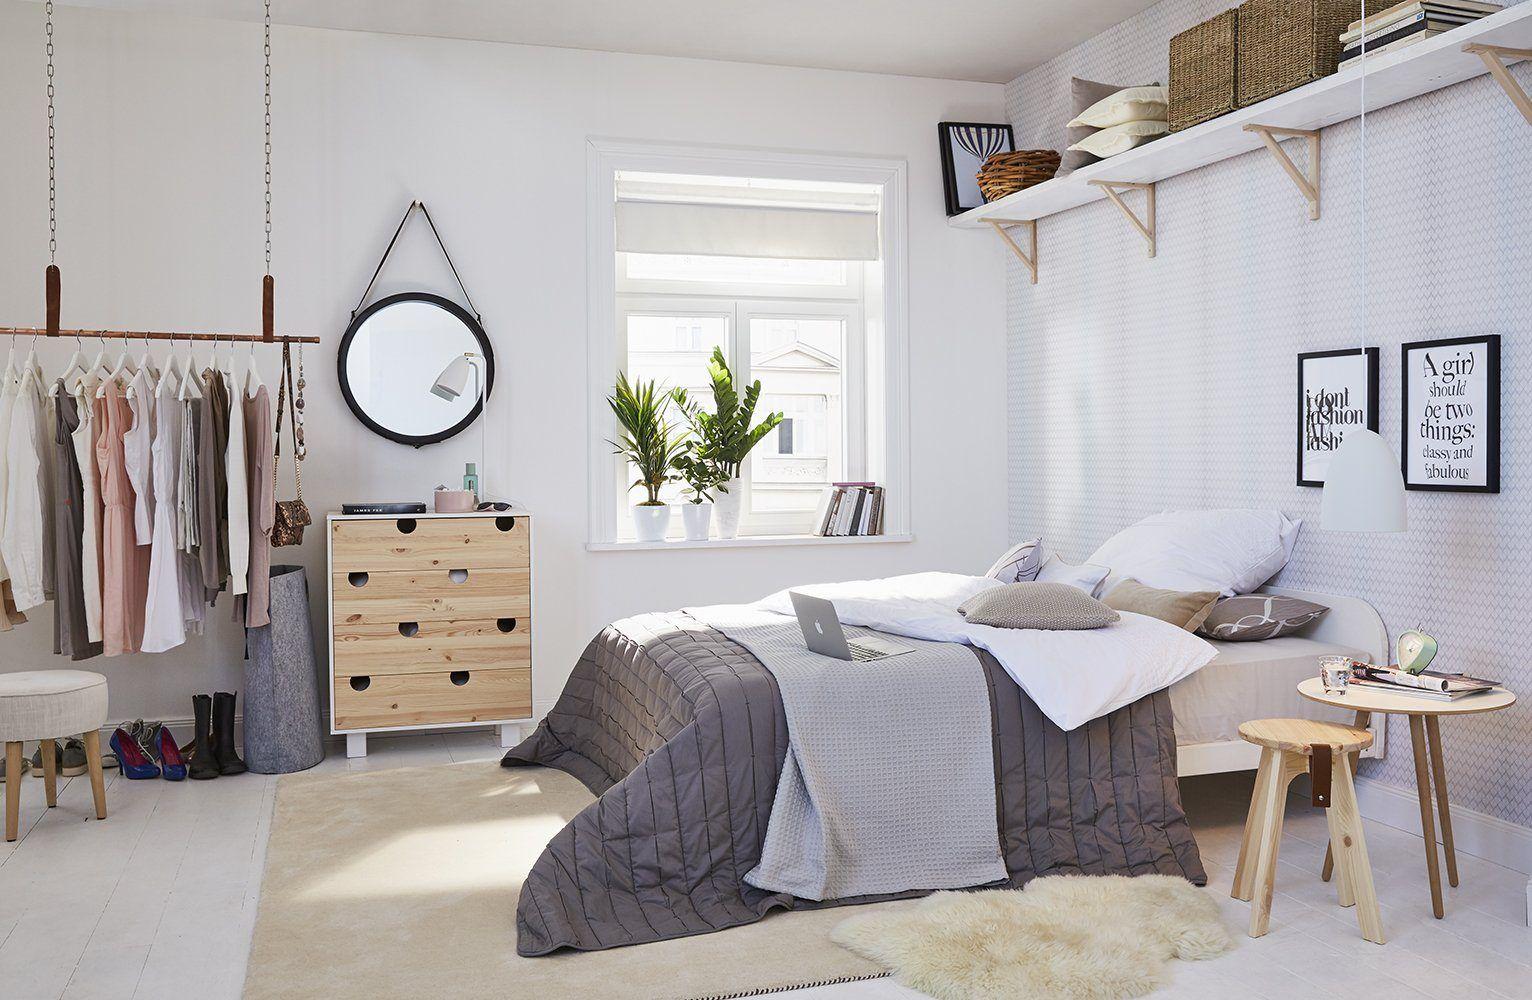 Wunderschönes Schlafzimmer im skandinavischen Stil | OTTO ...